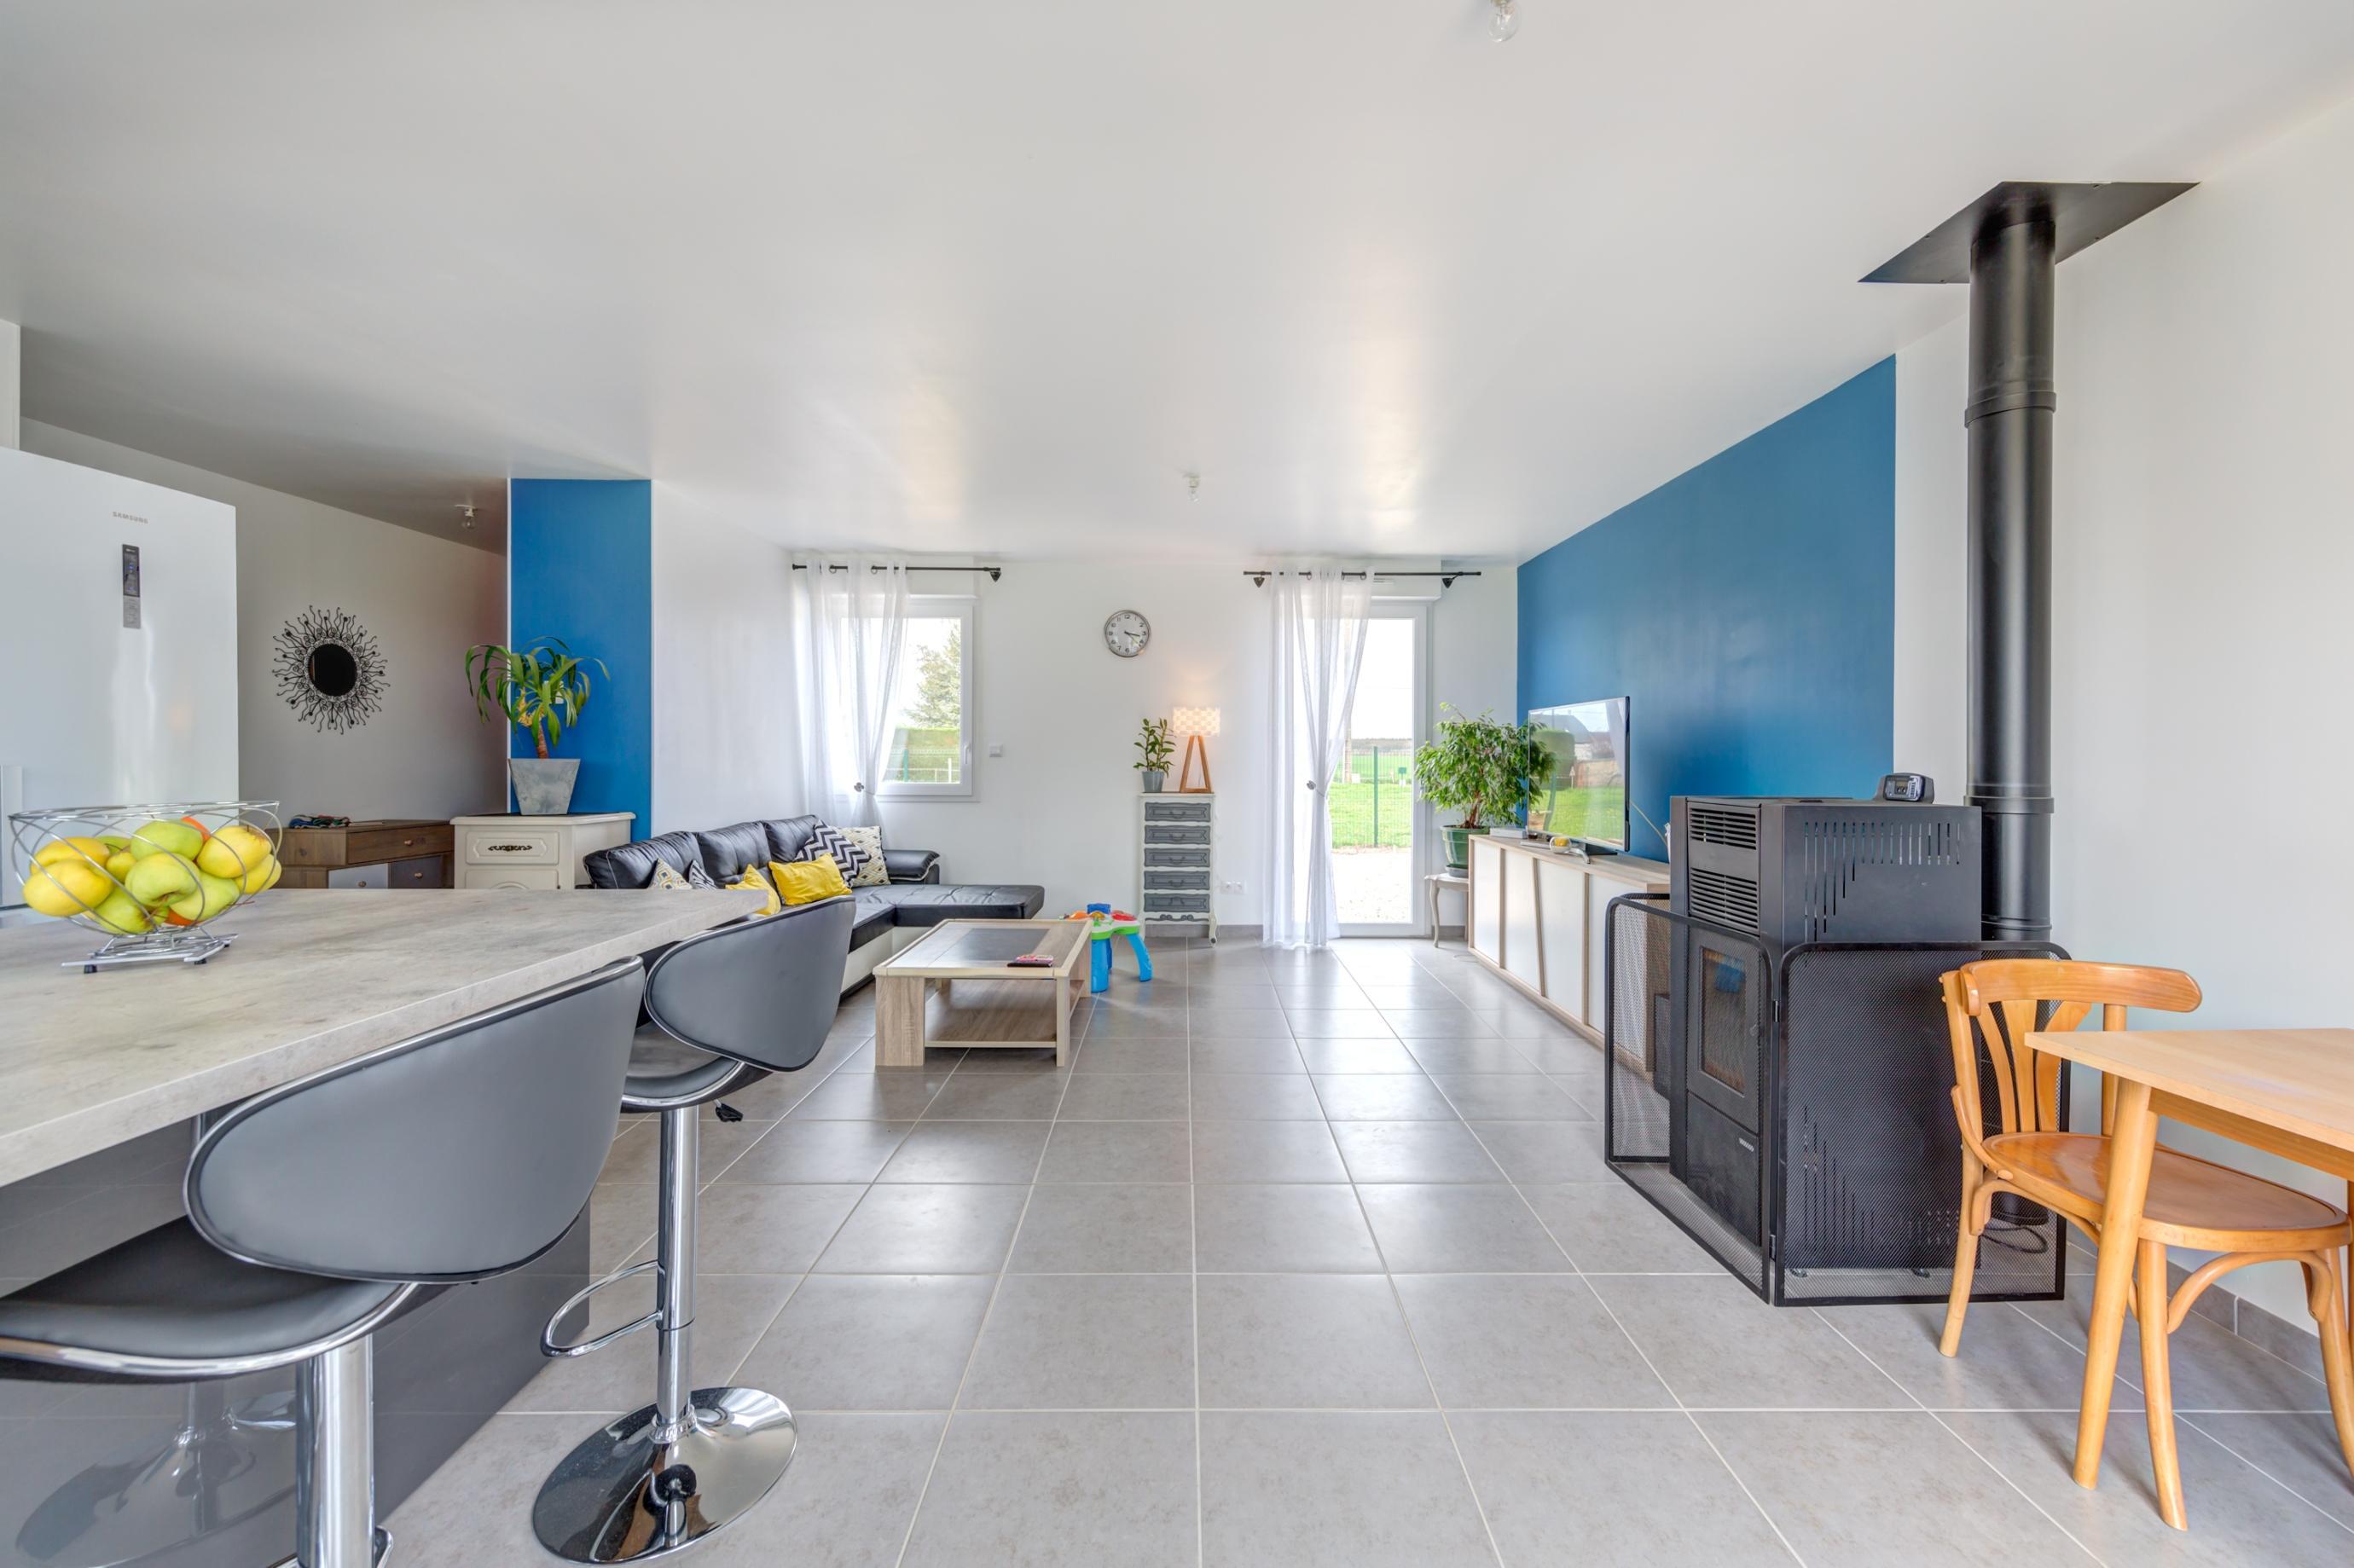 Maisons + Terrains du constructeur MAISONS PHENIX • 93 m² • CHAULNES